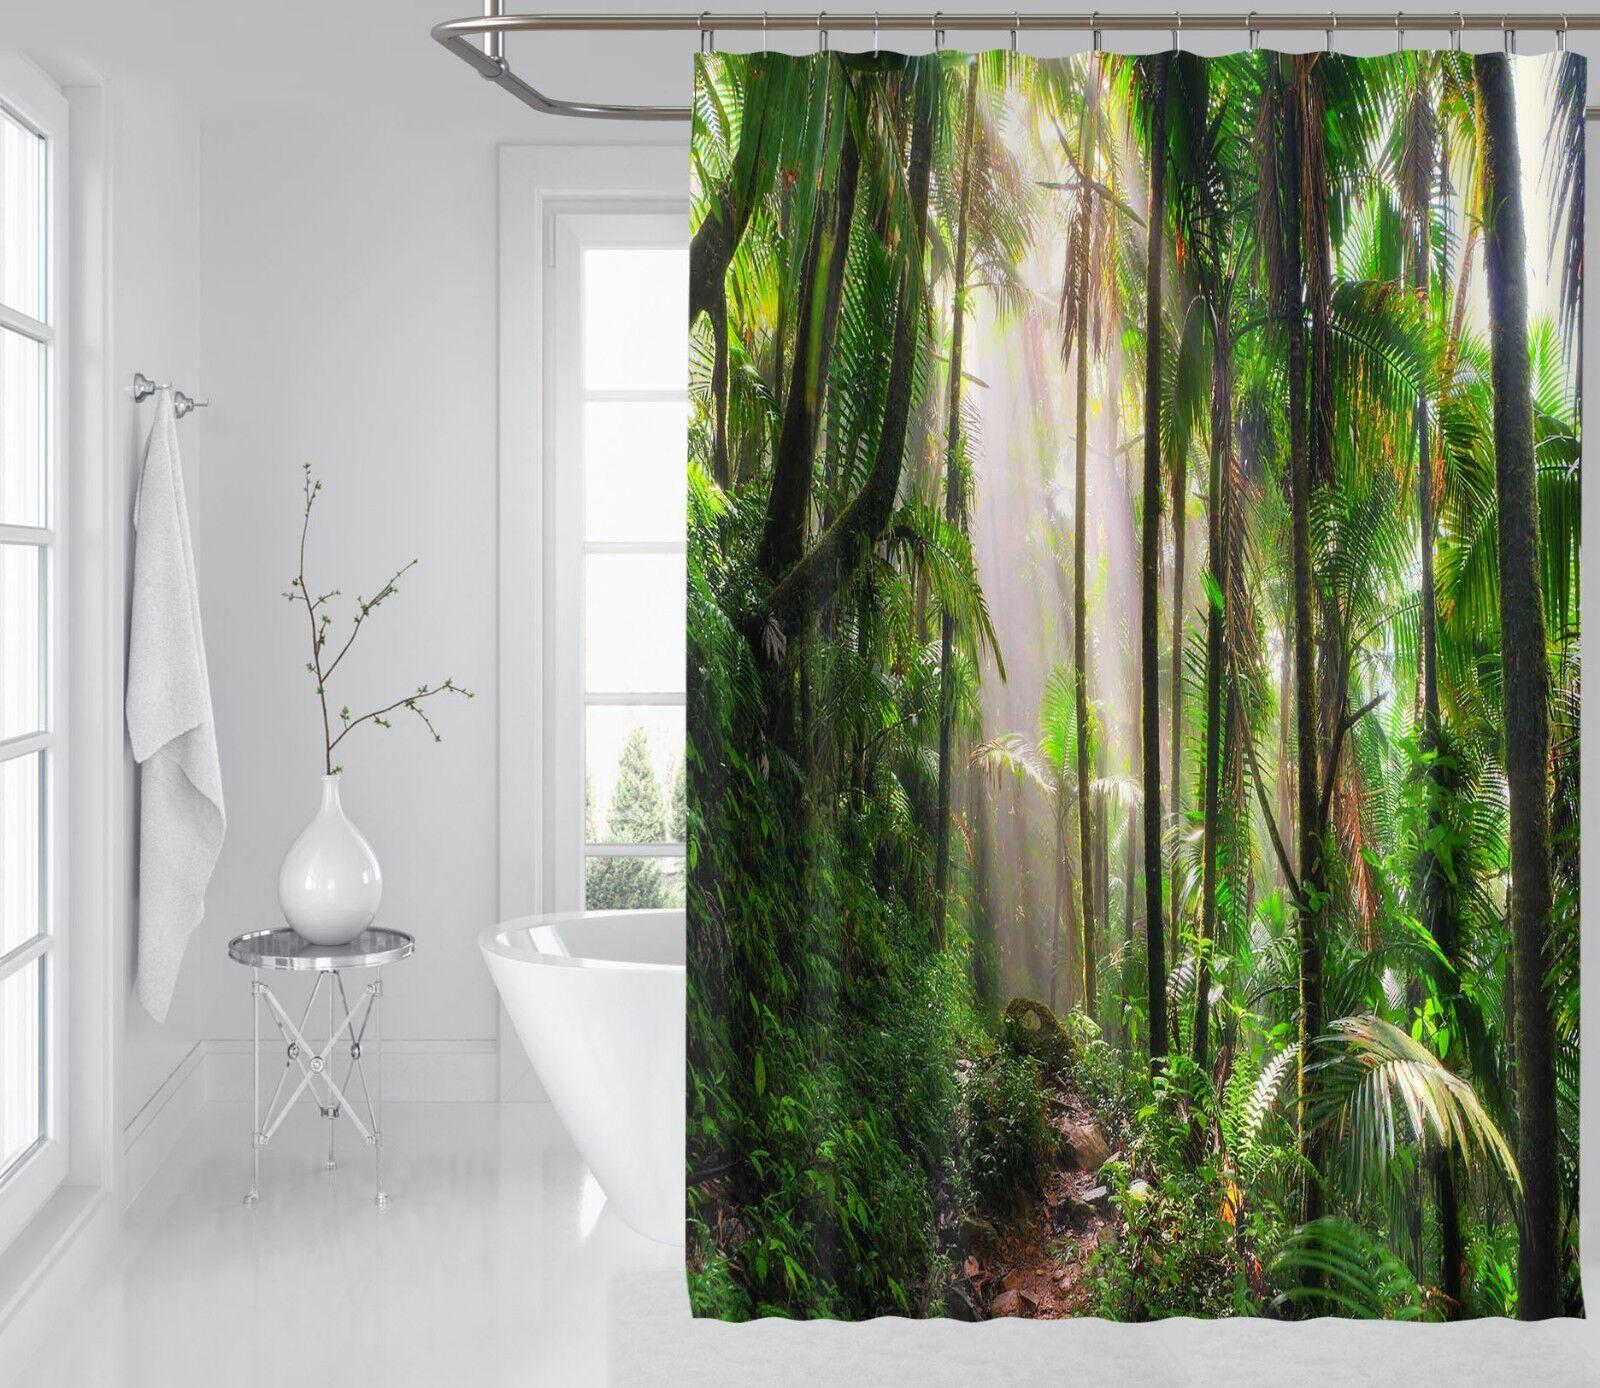 3D 3D 3D Gras Baum 645 Duschvorhang Wasserdicht Faser Bad Daheim Windows Toilette DE 0cdbfd